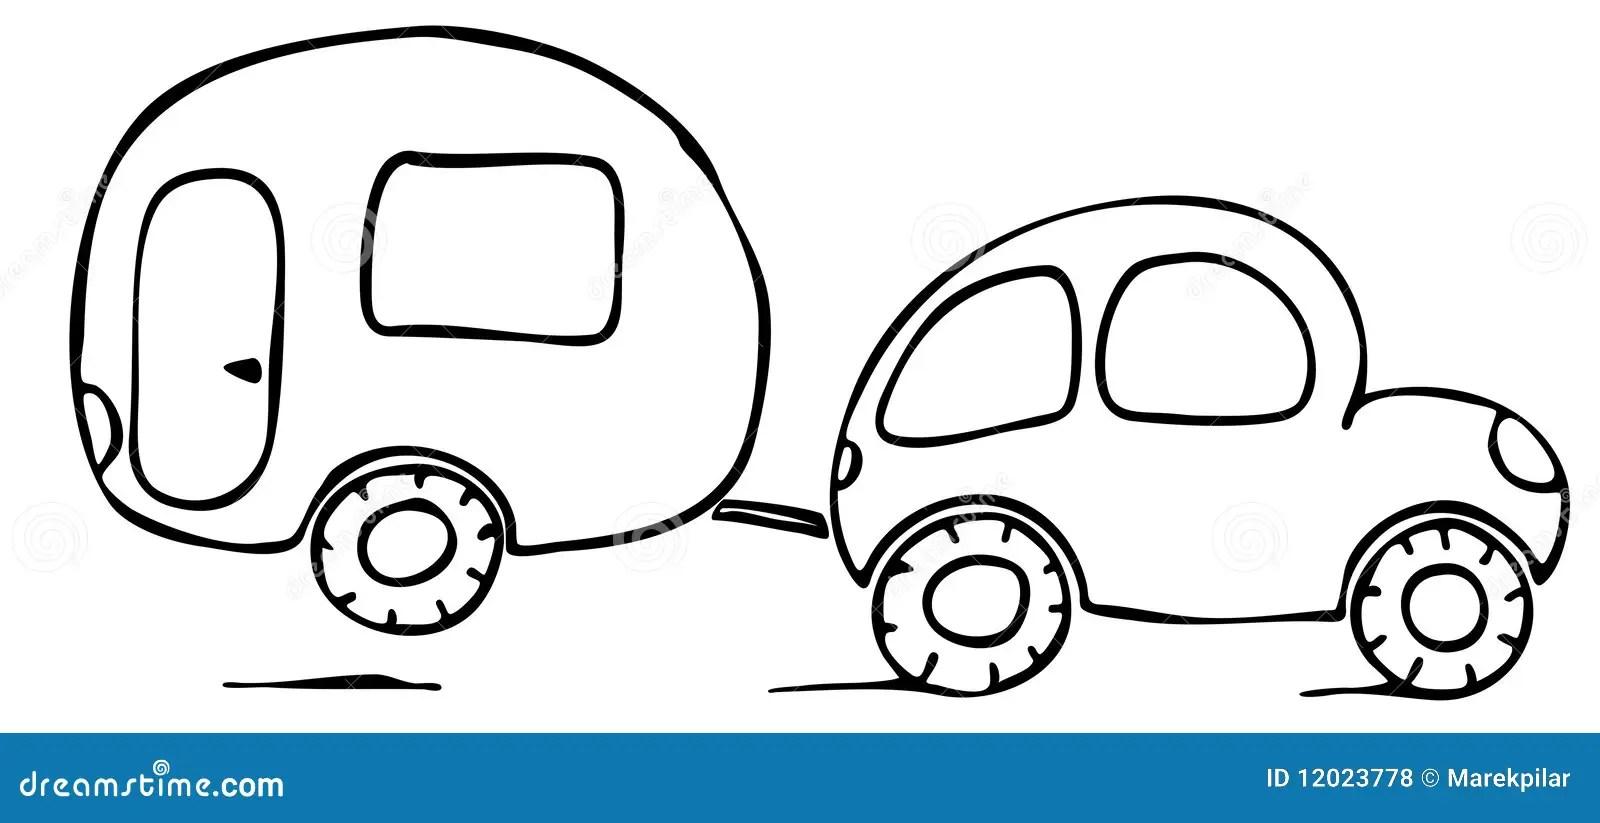 Caravan Cartoons, Illustrations & Vector Stock Images